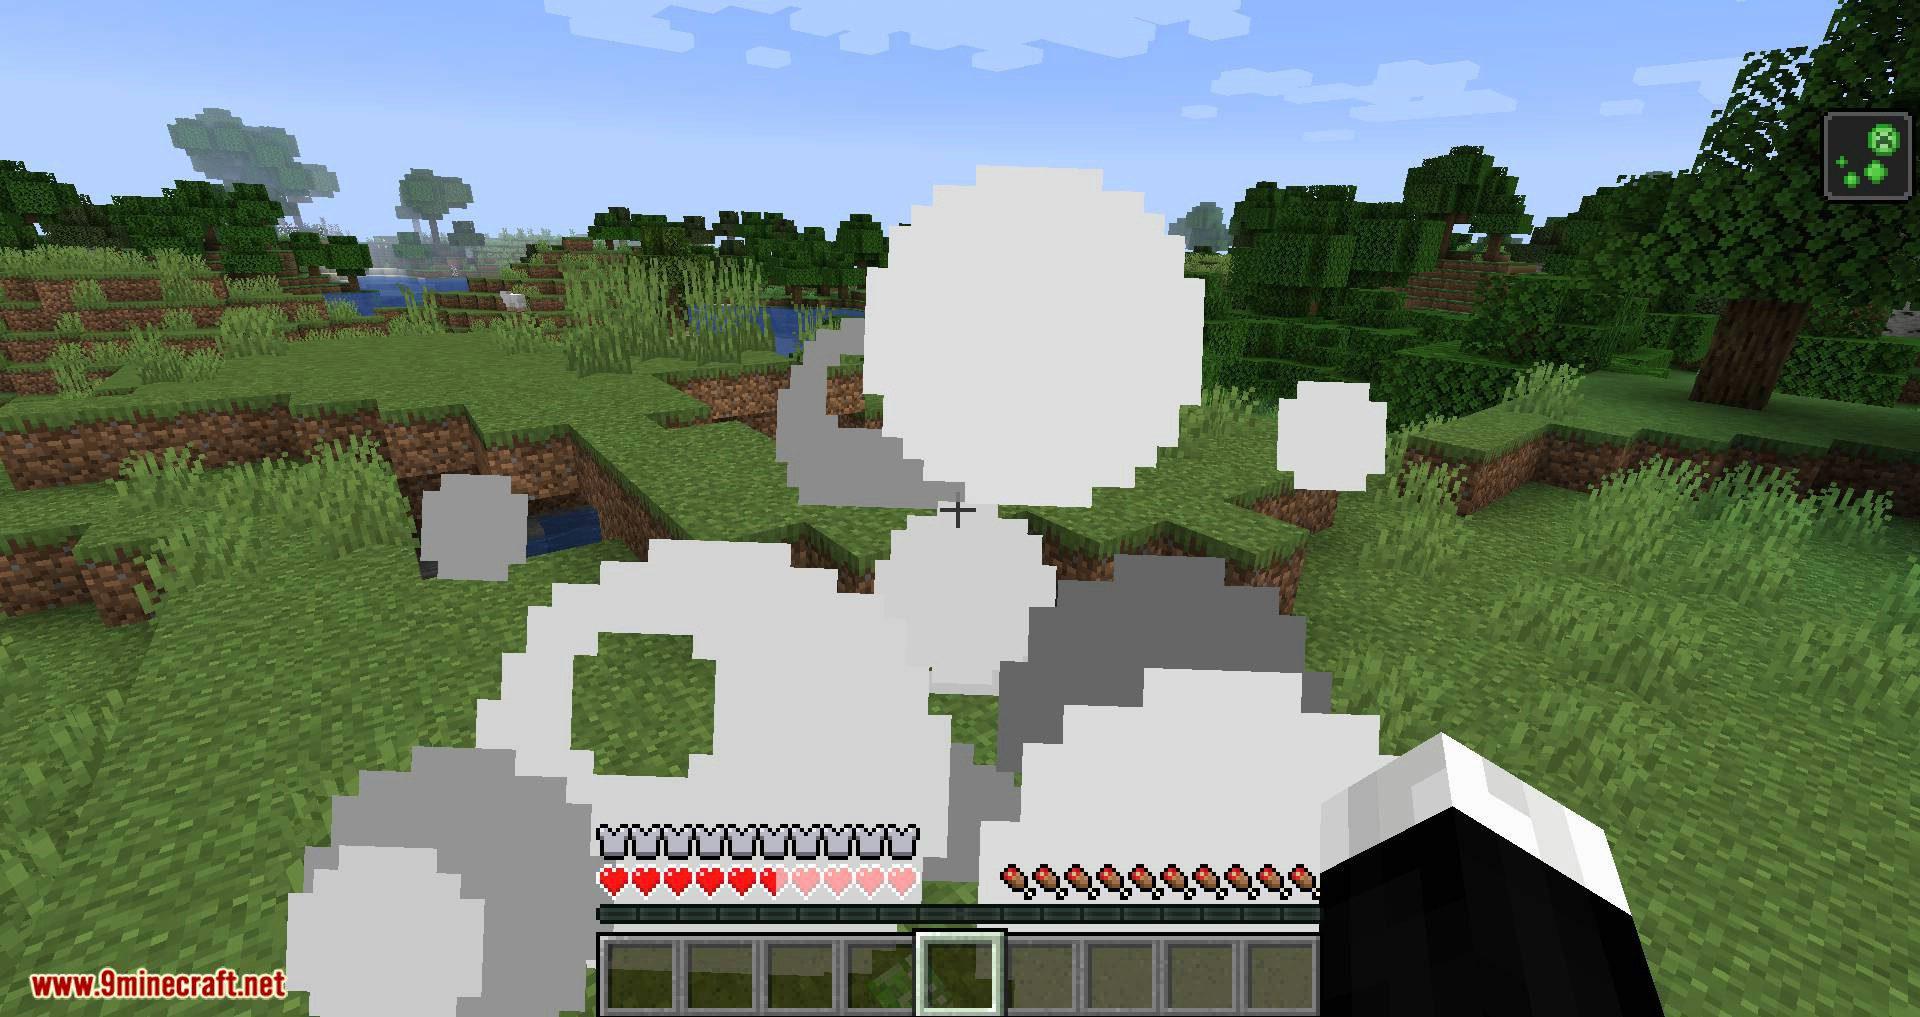 Creeper Spores mod for minecraft 05